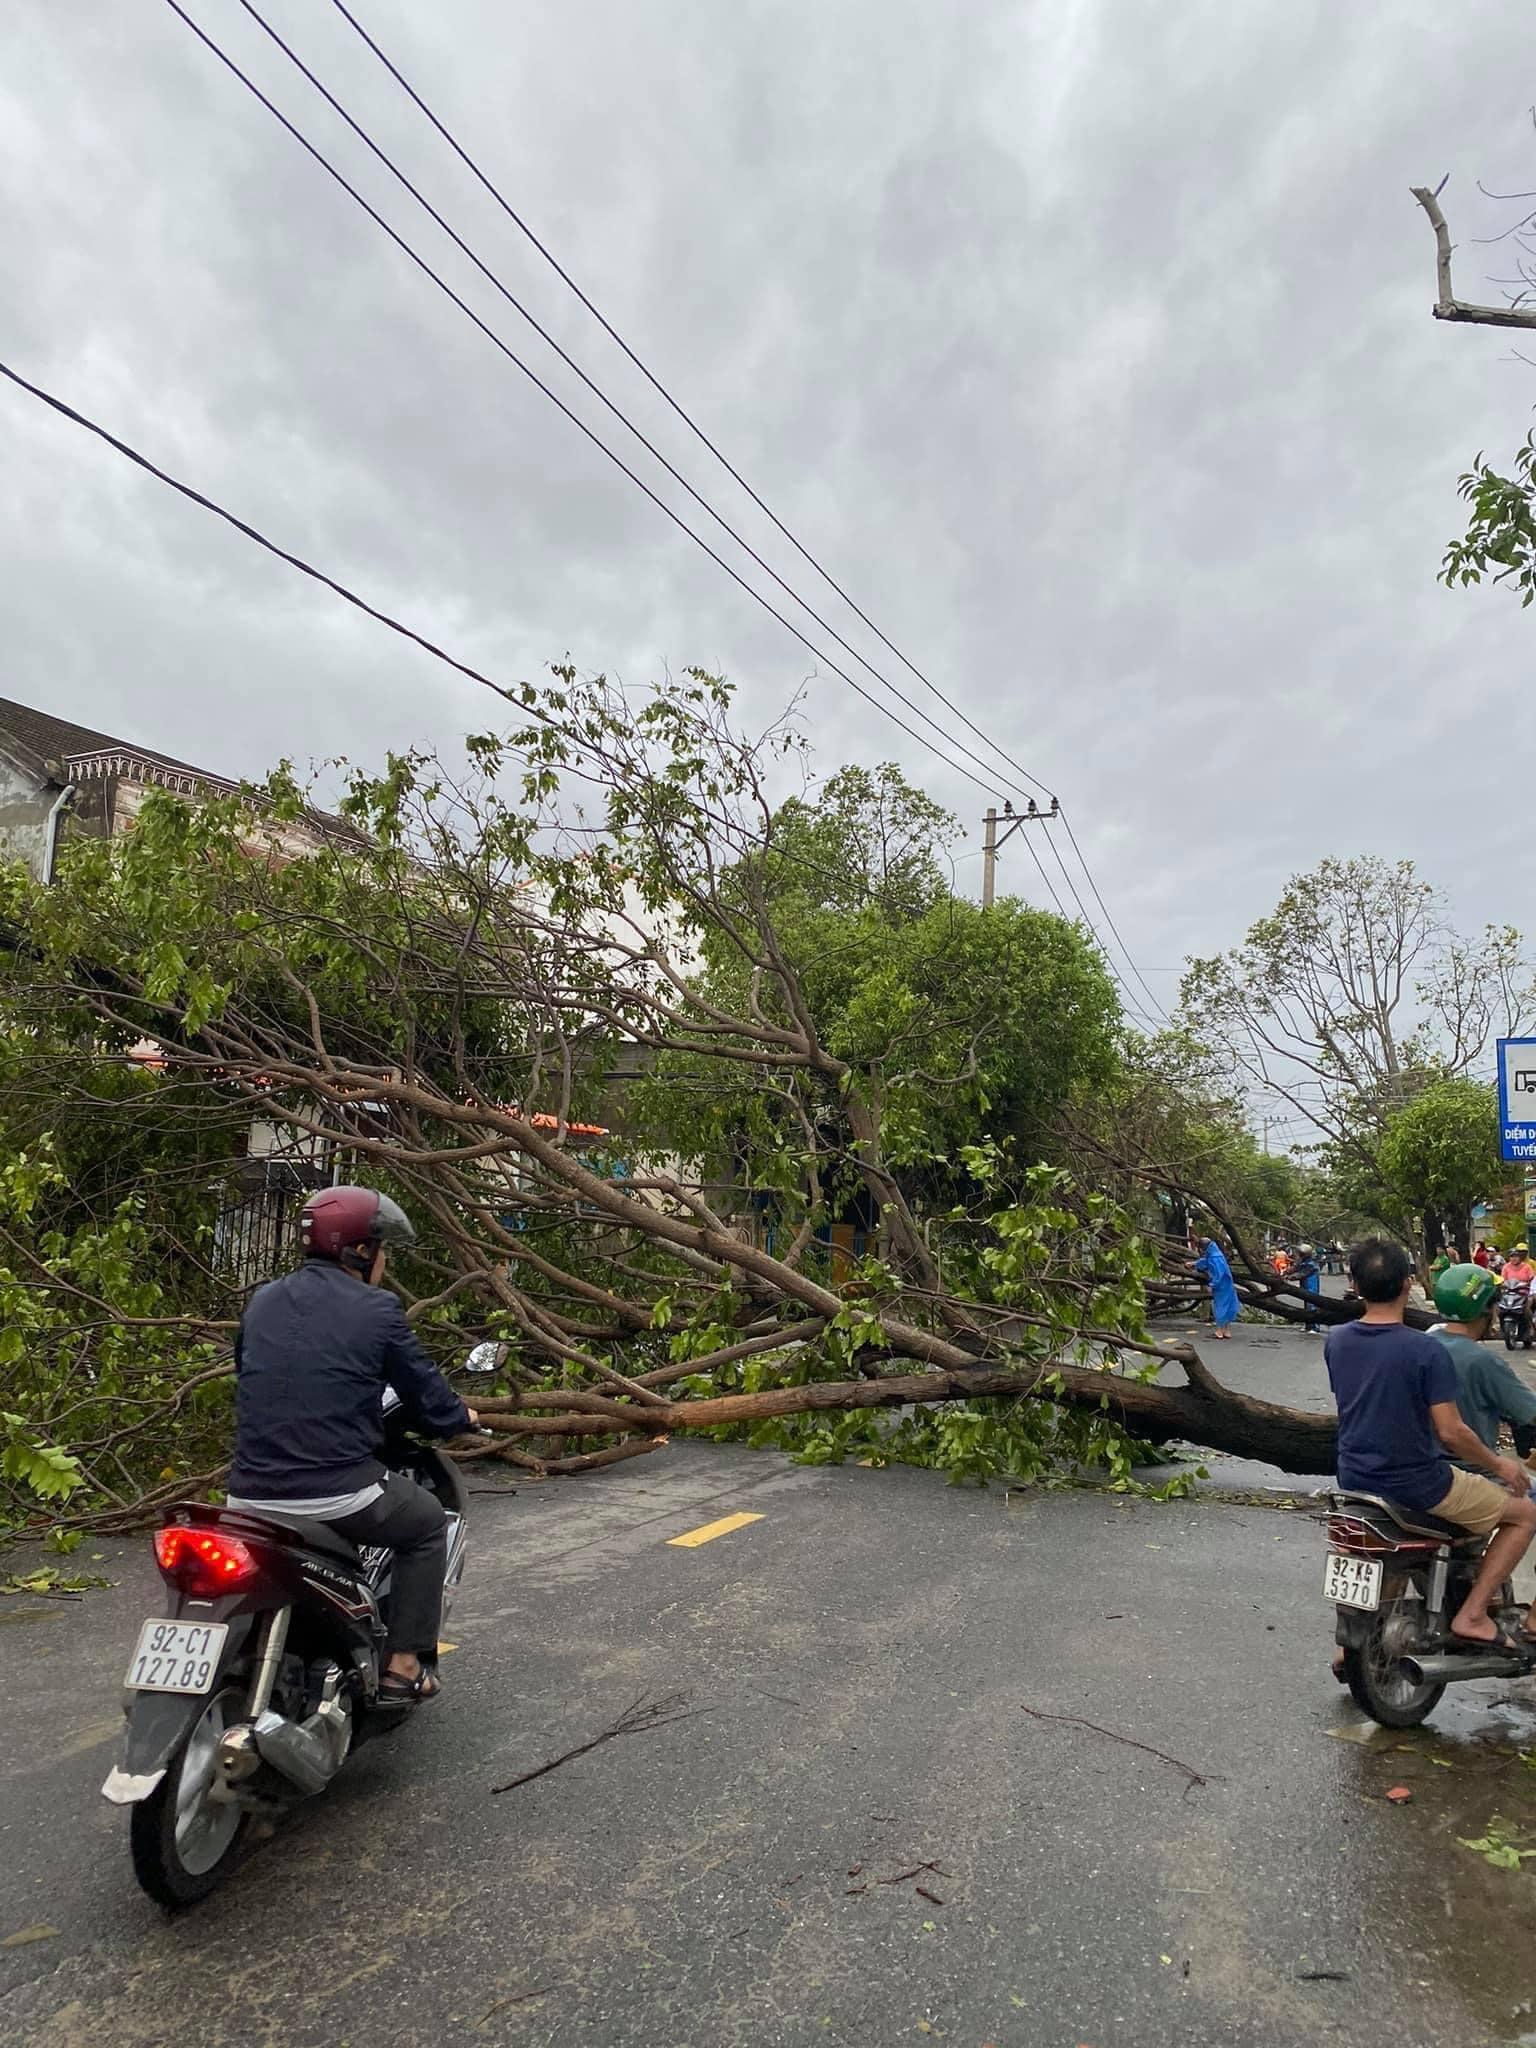 Phố cổ Hội An tan hoang sau bão số 9: Nhiều cây lớn ngã đổ chắn lối đi 2